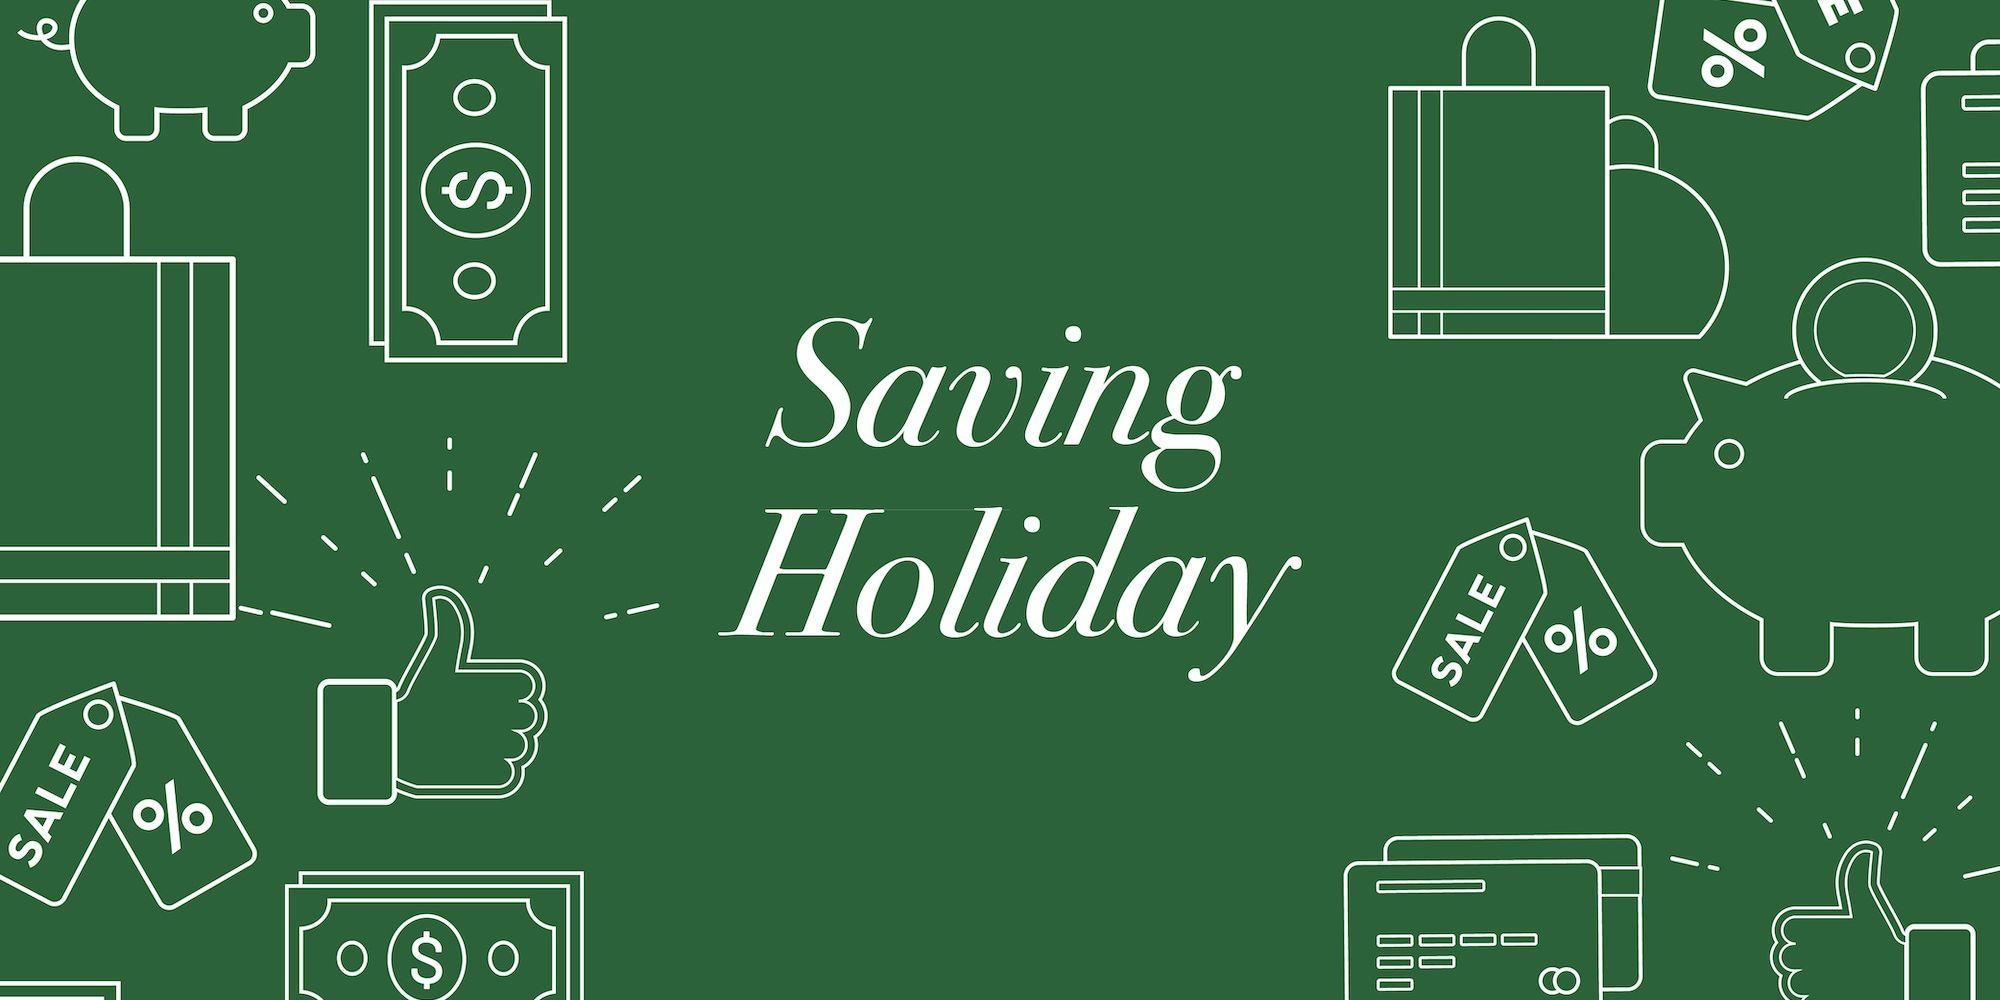 Bộ sưu tập Saving Holiday